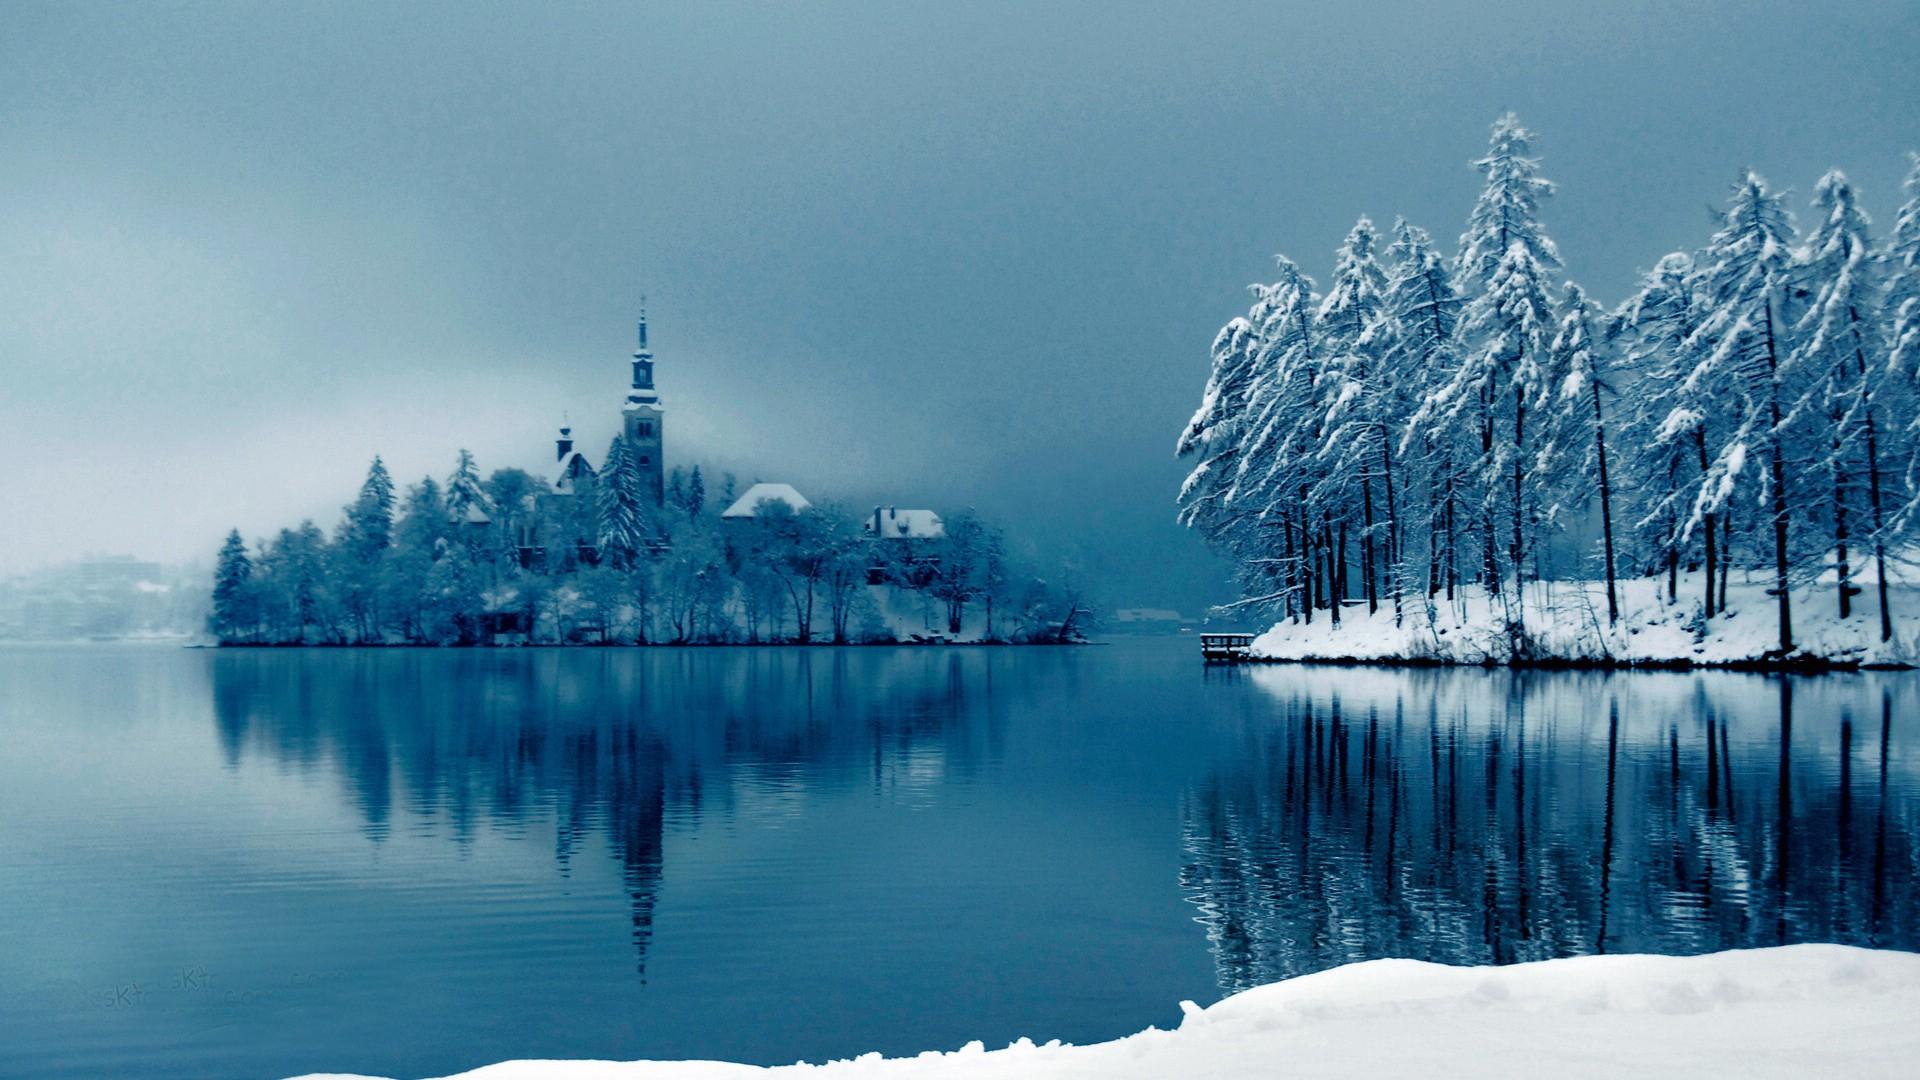 冬季唯美雪景高清桌面壁纸